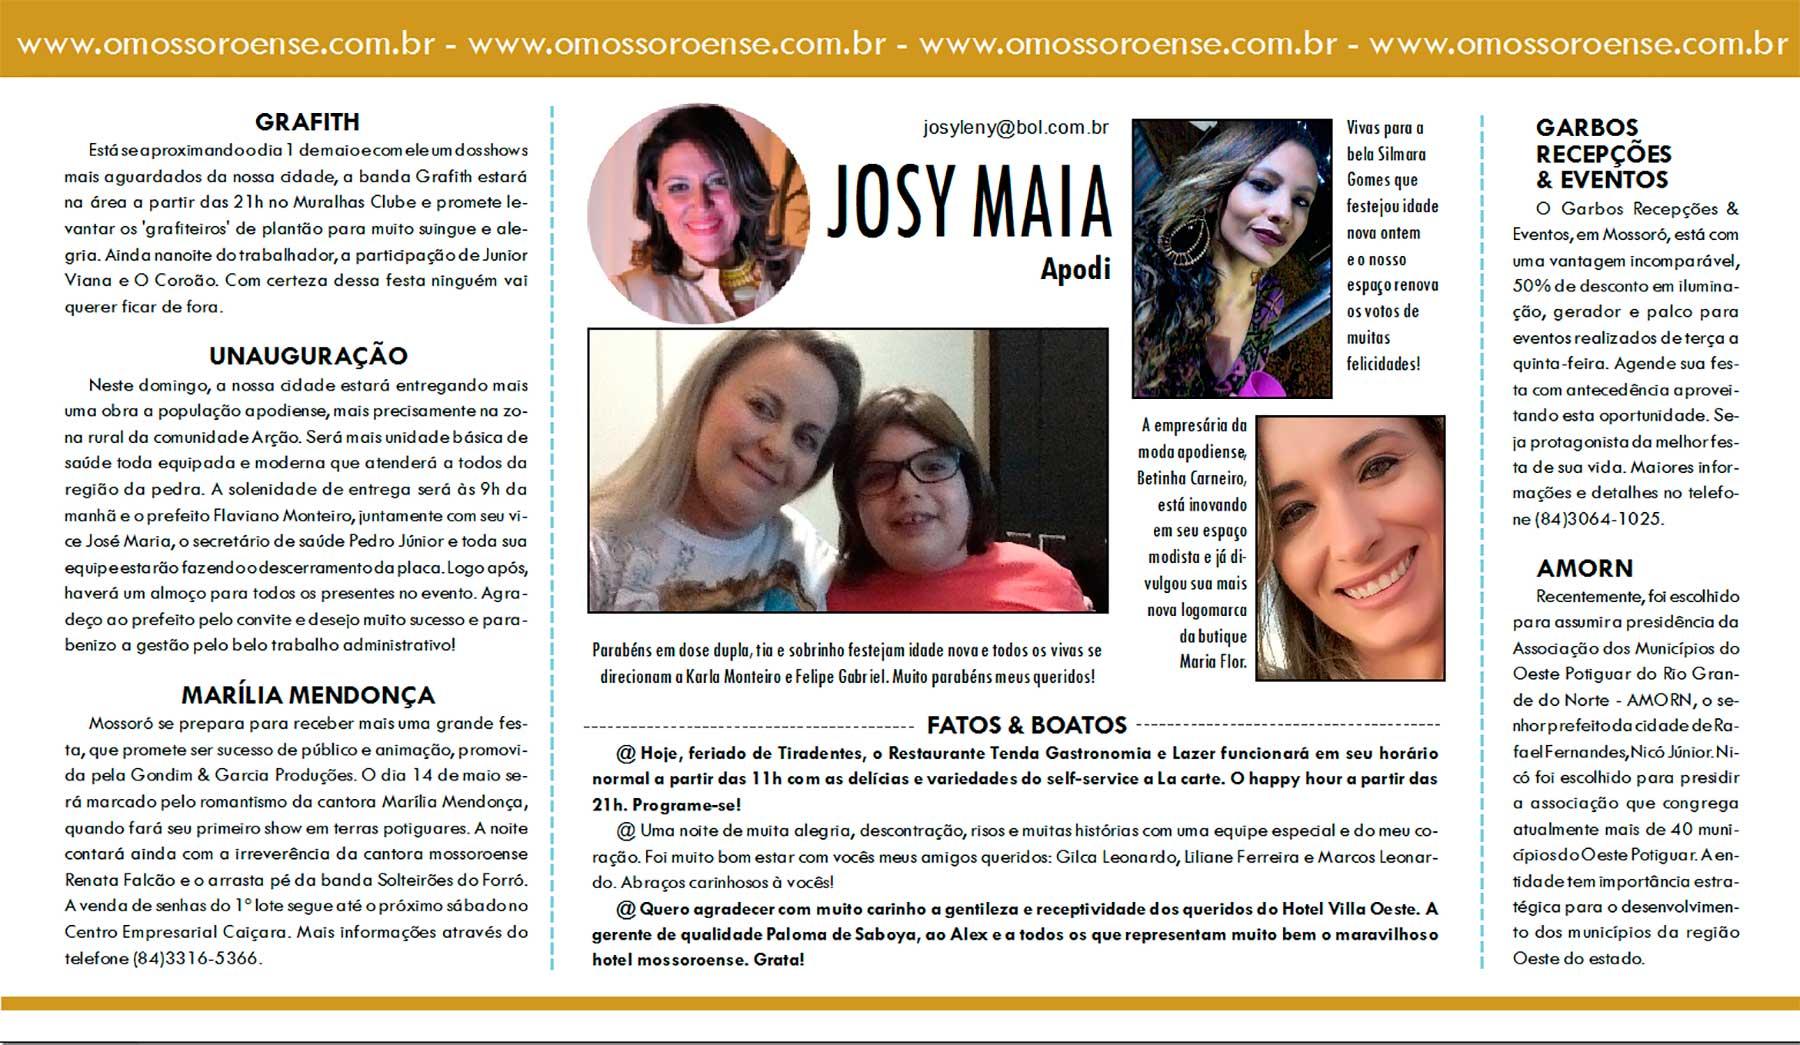 JOSY-MAIA--22-04-16